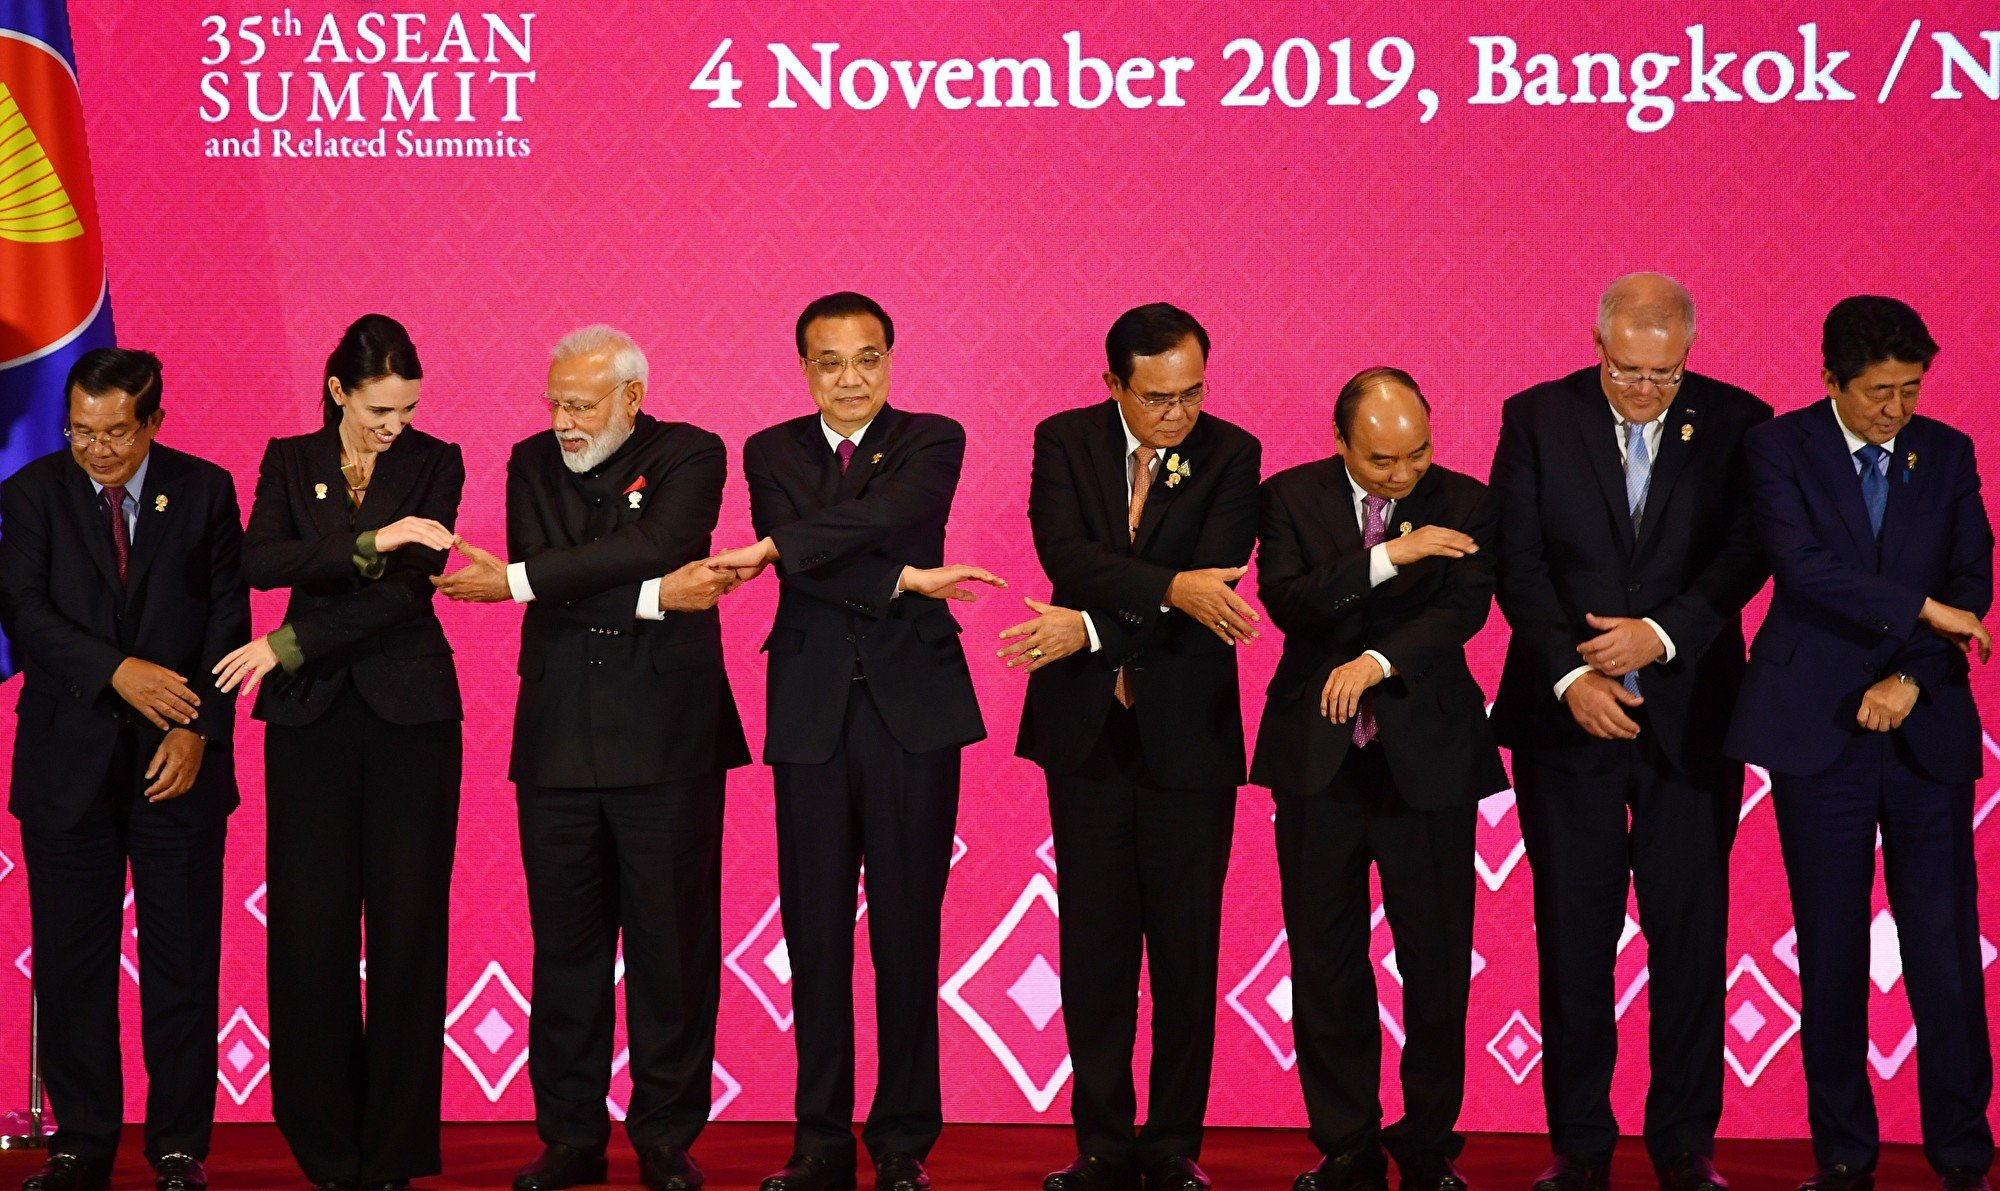 在中美關稅戰的大背景下,印度擔憂,一旦放開國內市場,龐大的剩餘中國出口將蜂擁而至,對國內產業造成致命衝擊。圖為曼谷2019年11月4日的第三屆區域全面經濟夥伴關係協定會議,多國領導人與會。(MANAN VATSYAYANA/AFP via Getty Images)